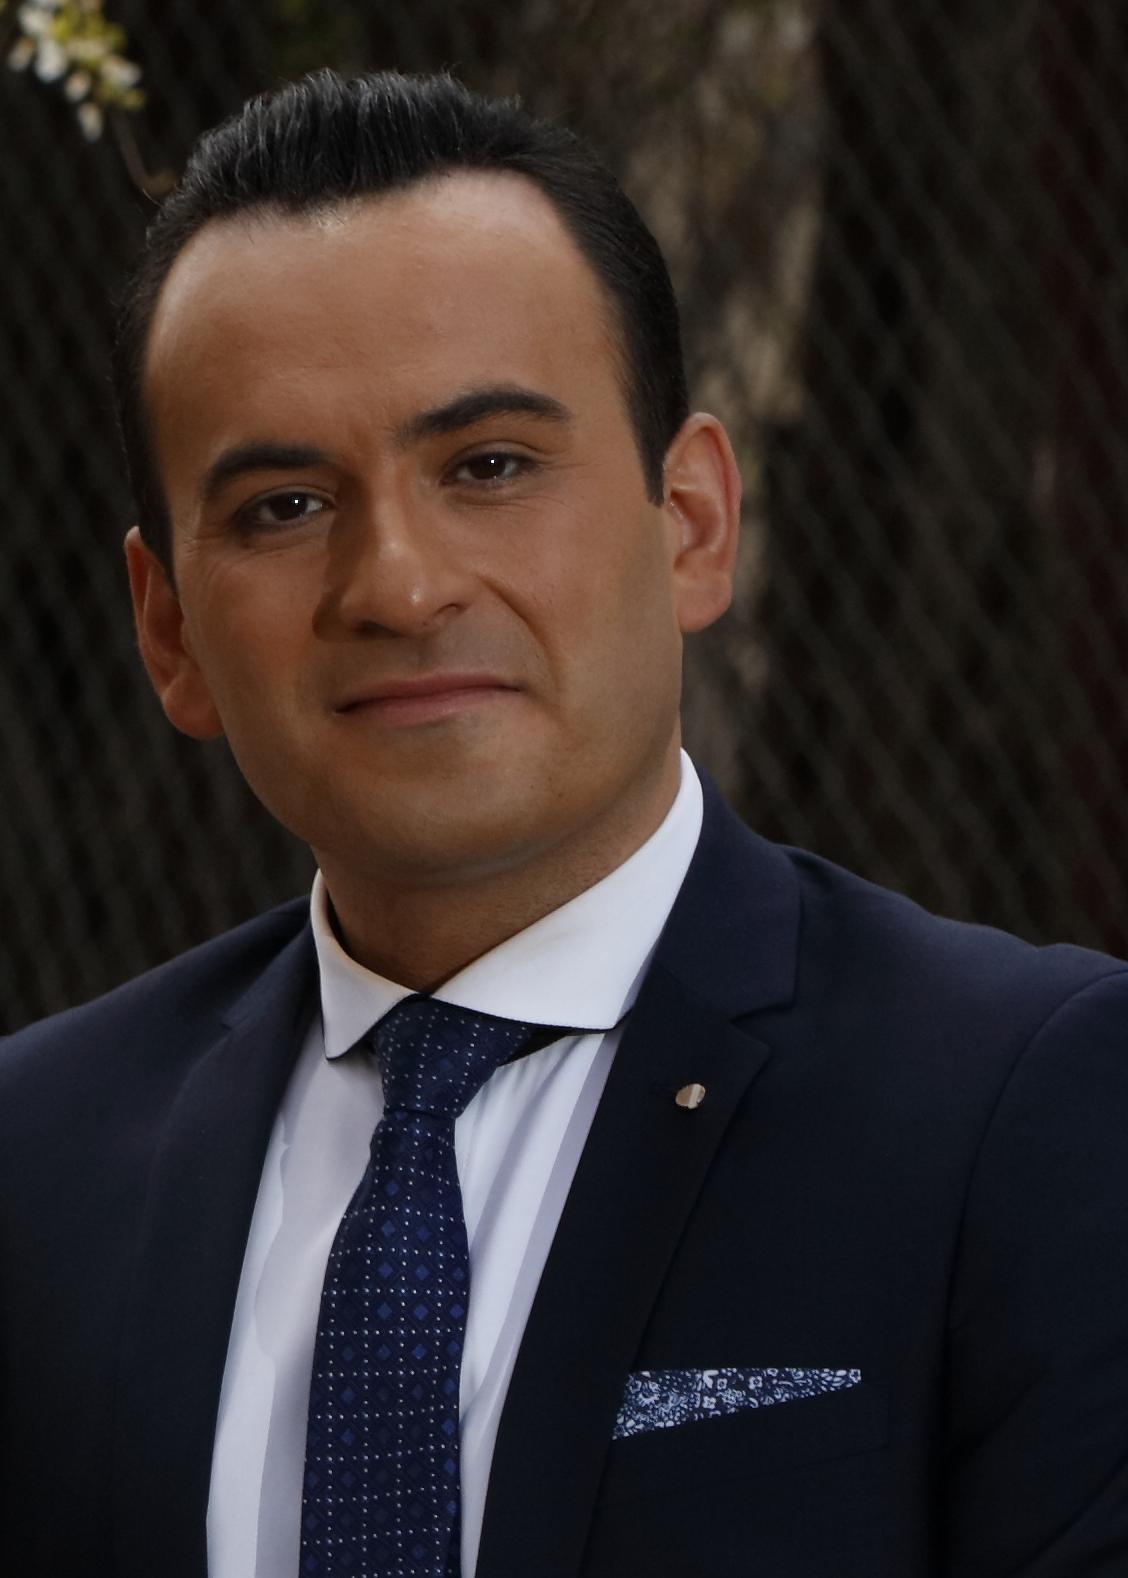 Dr Hamid Reza Lashgari